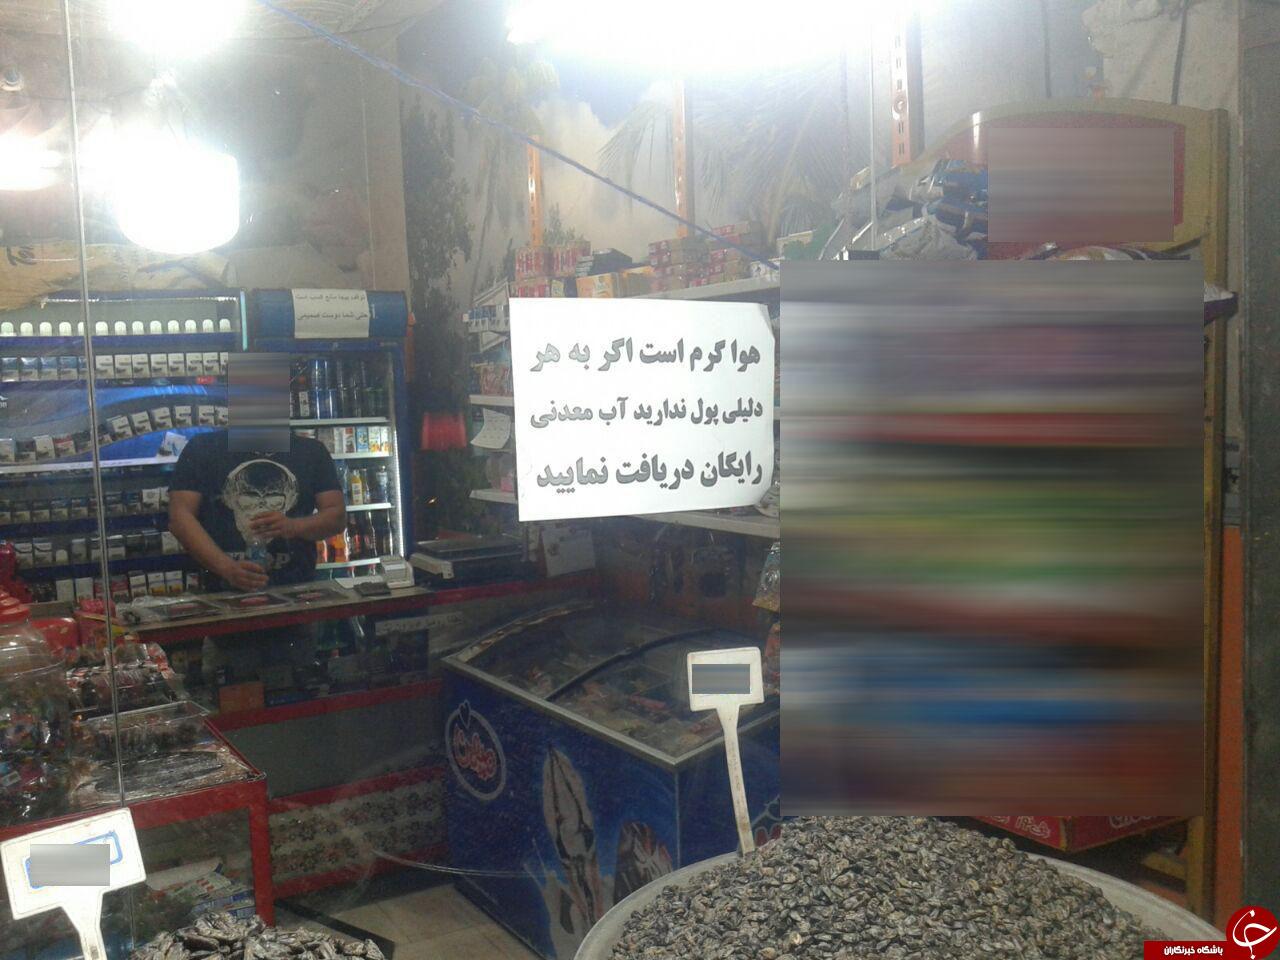 کار خداپسندانه یک مغازهدار در کمک به افراد بیبضاعت + عکس